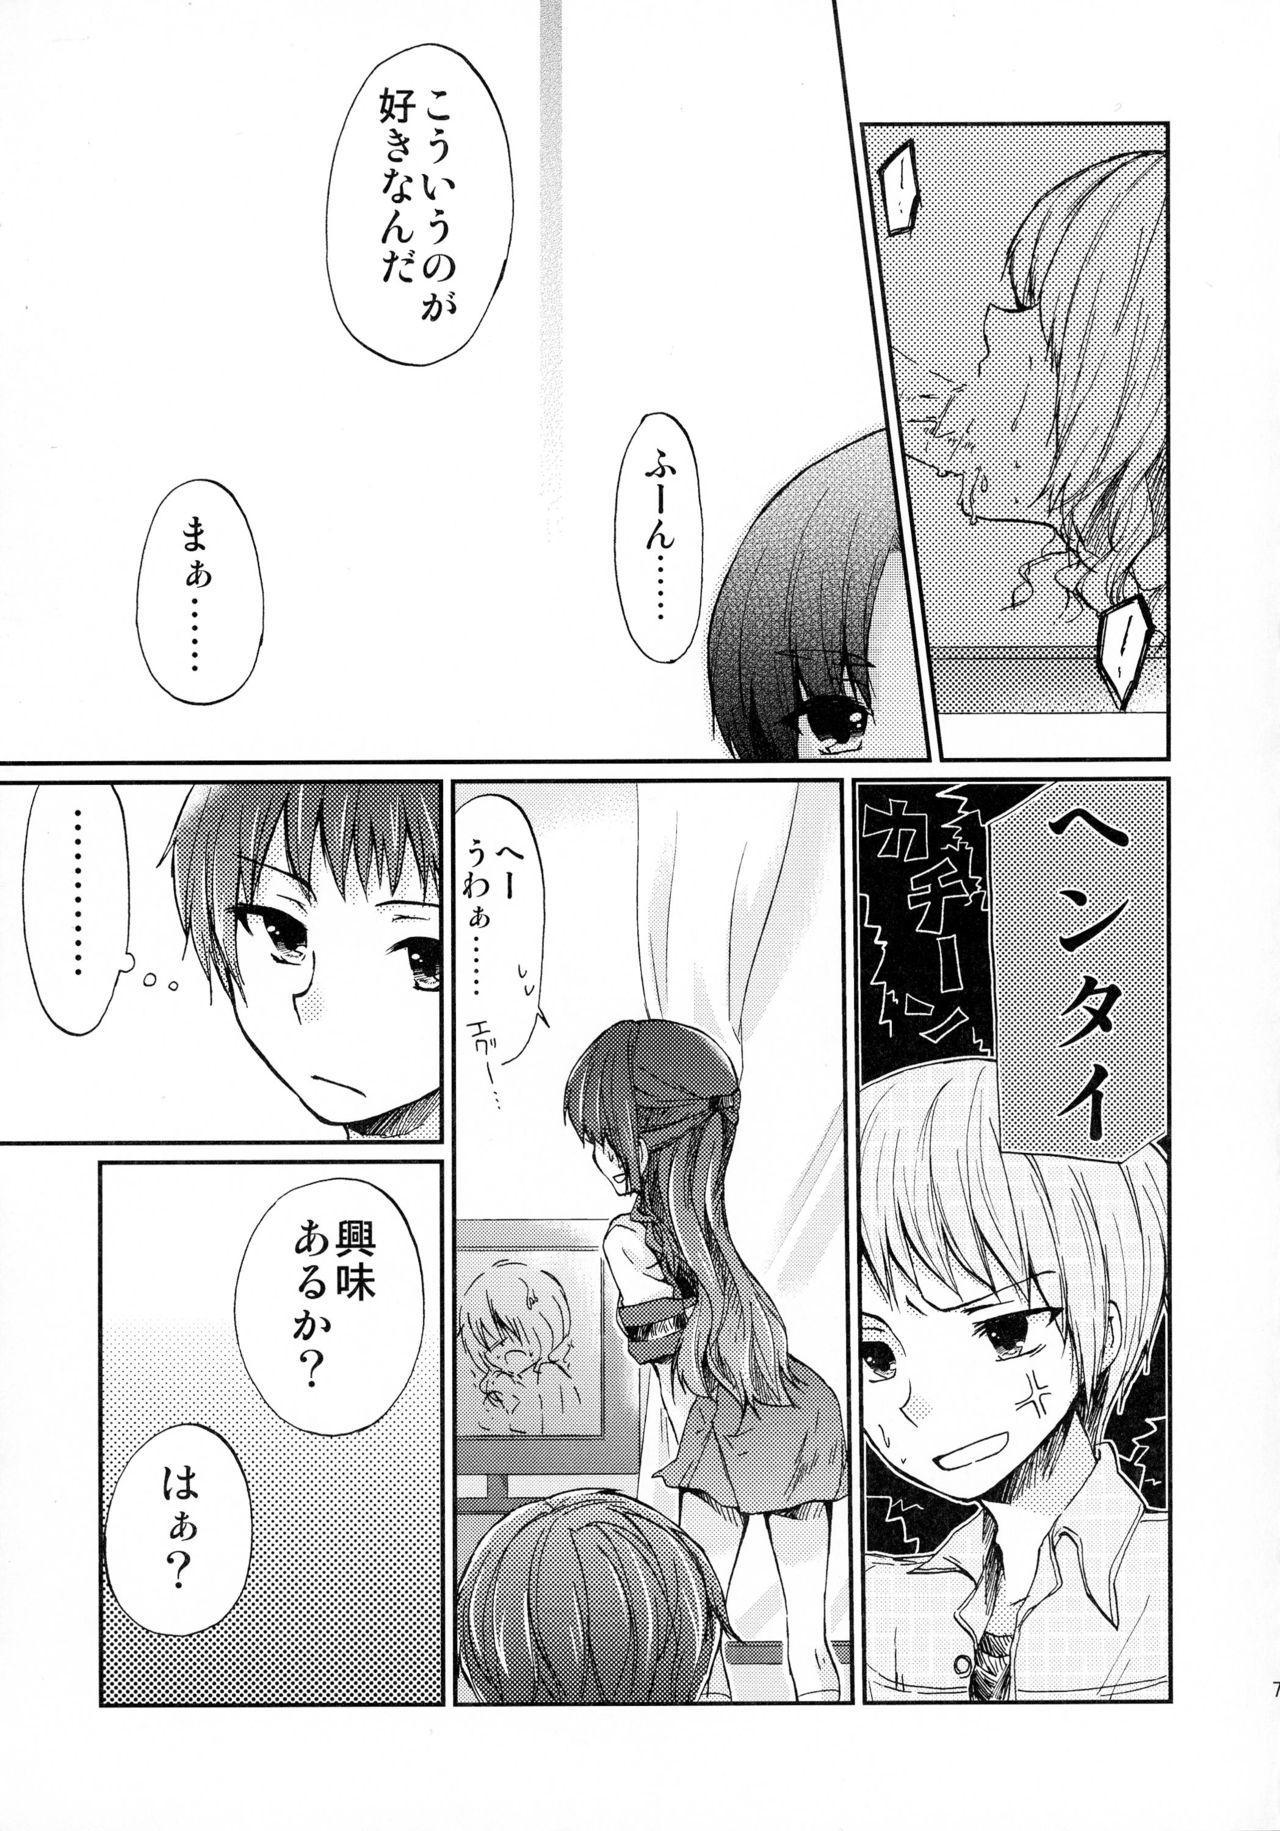 (C80) [MYONLYONE (Kureha Eiko)] Asakura-san to o Uchi de Nyan-Nyan suru Hon (Suzumiya Haruhi no Yuuutsu) 6